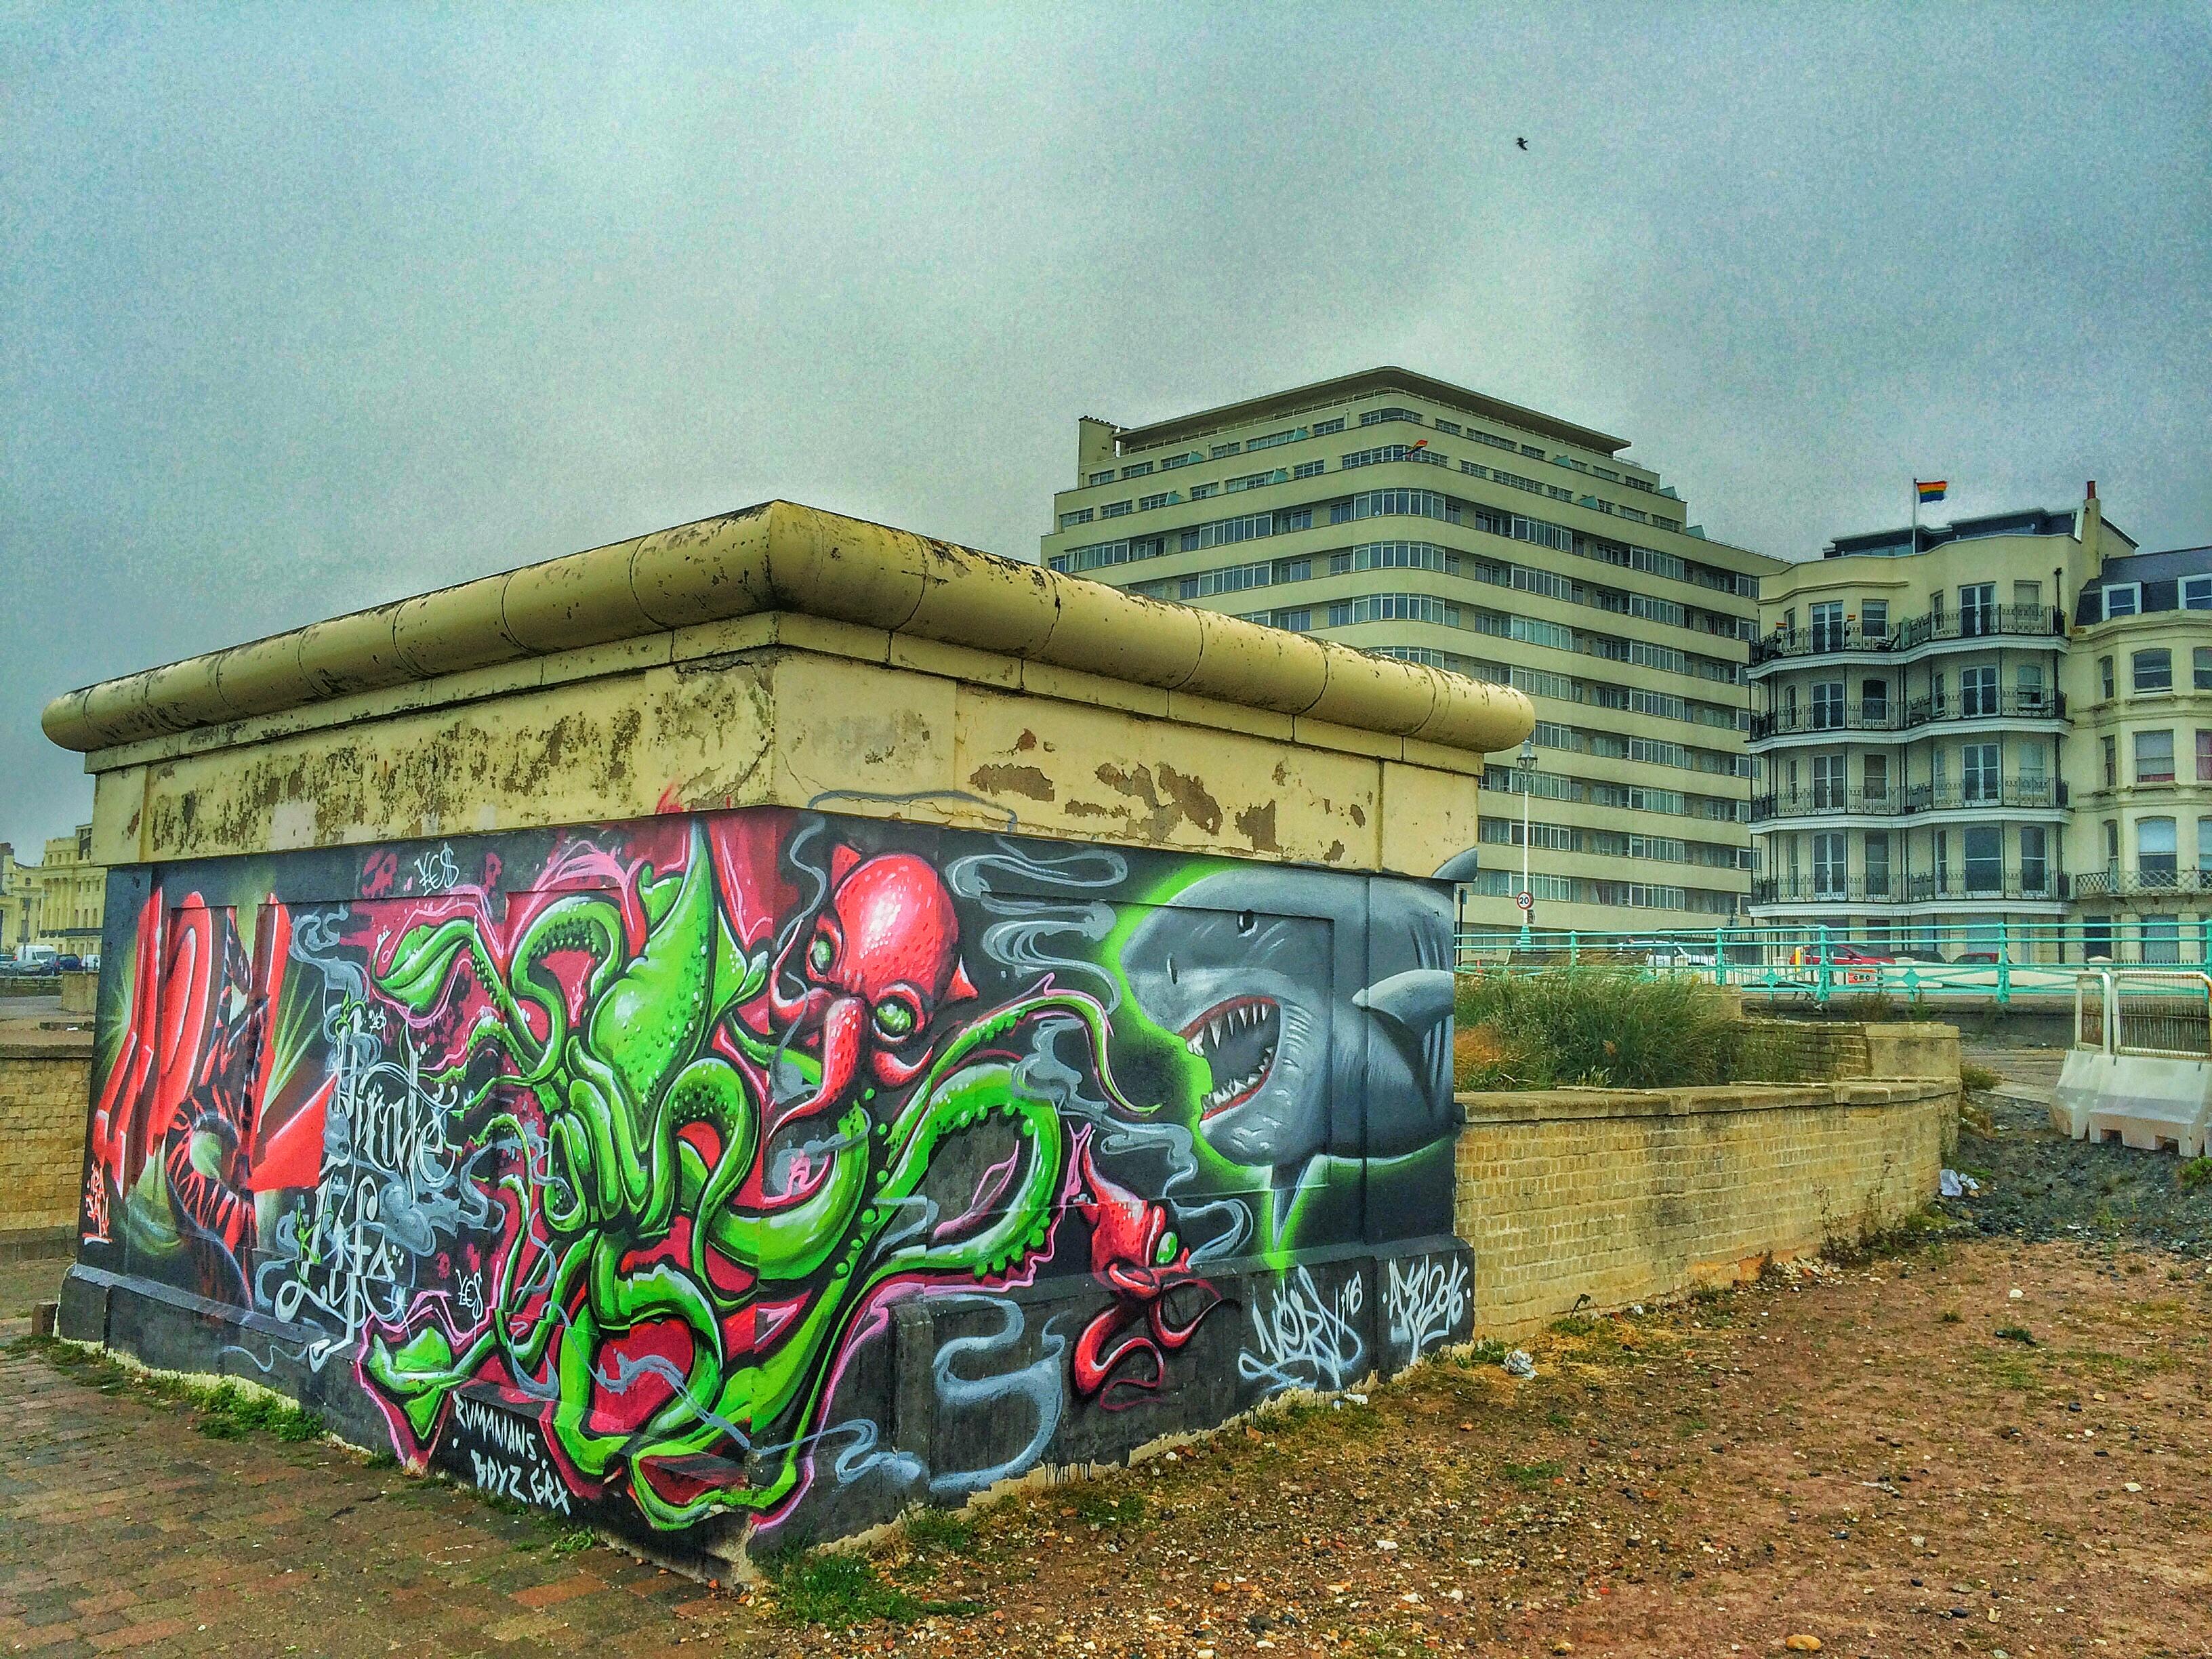 BRIGHTON PRIDE 2016 AFTERMATH - graffiti